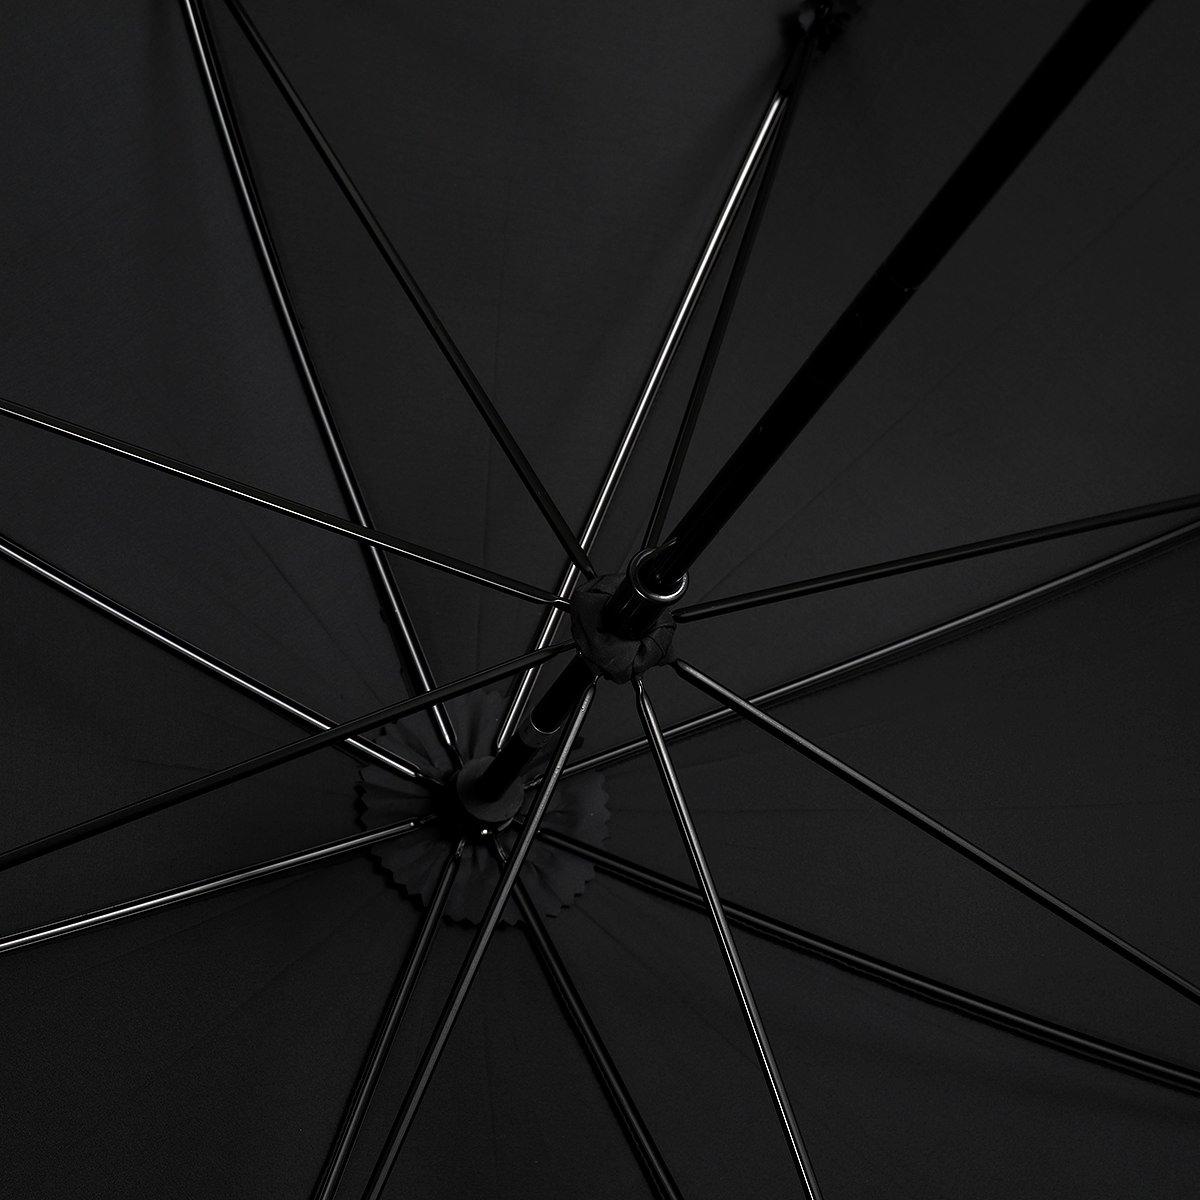 強力撥水 レインドロップ レディース レクタス エゴ 長傘(60cm) 詳細画像6